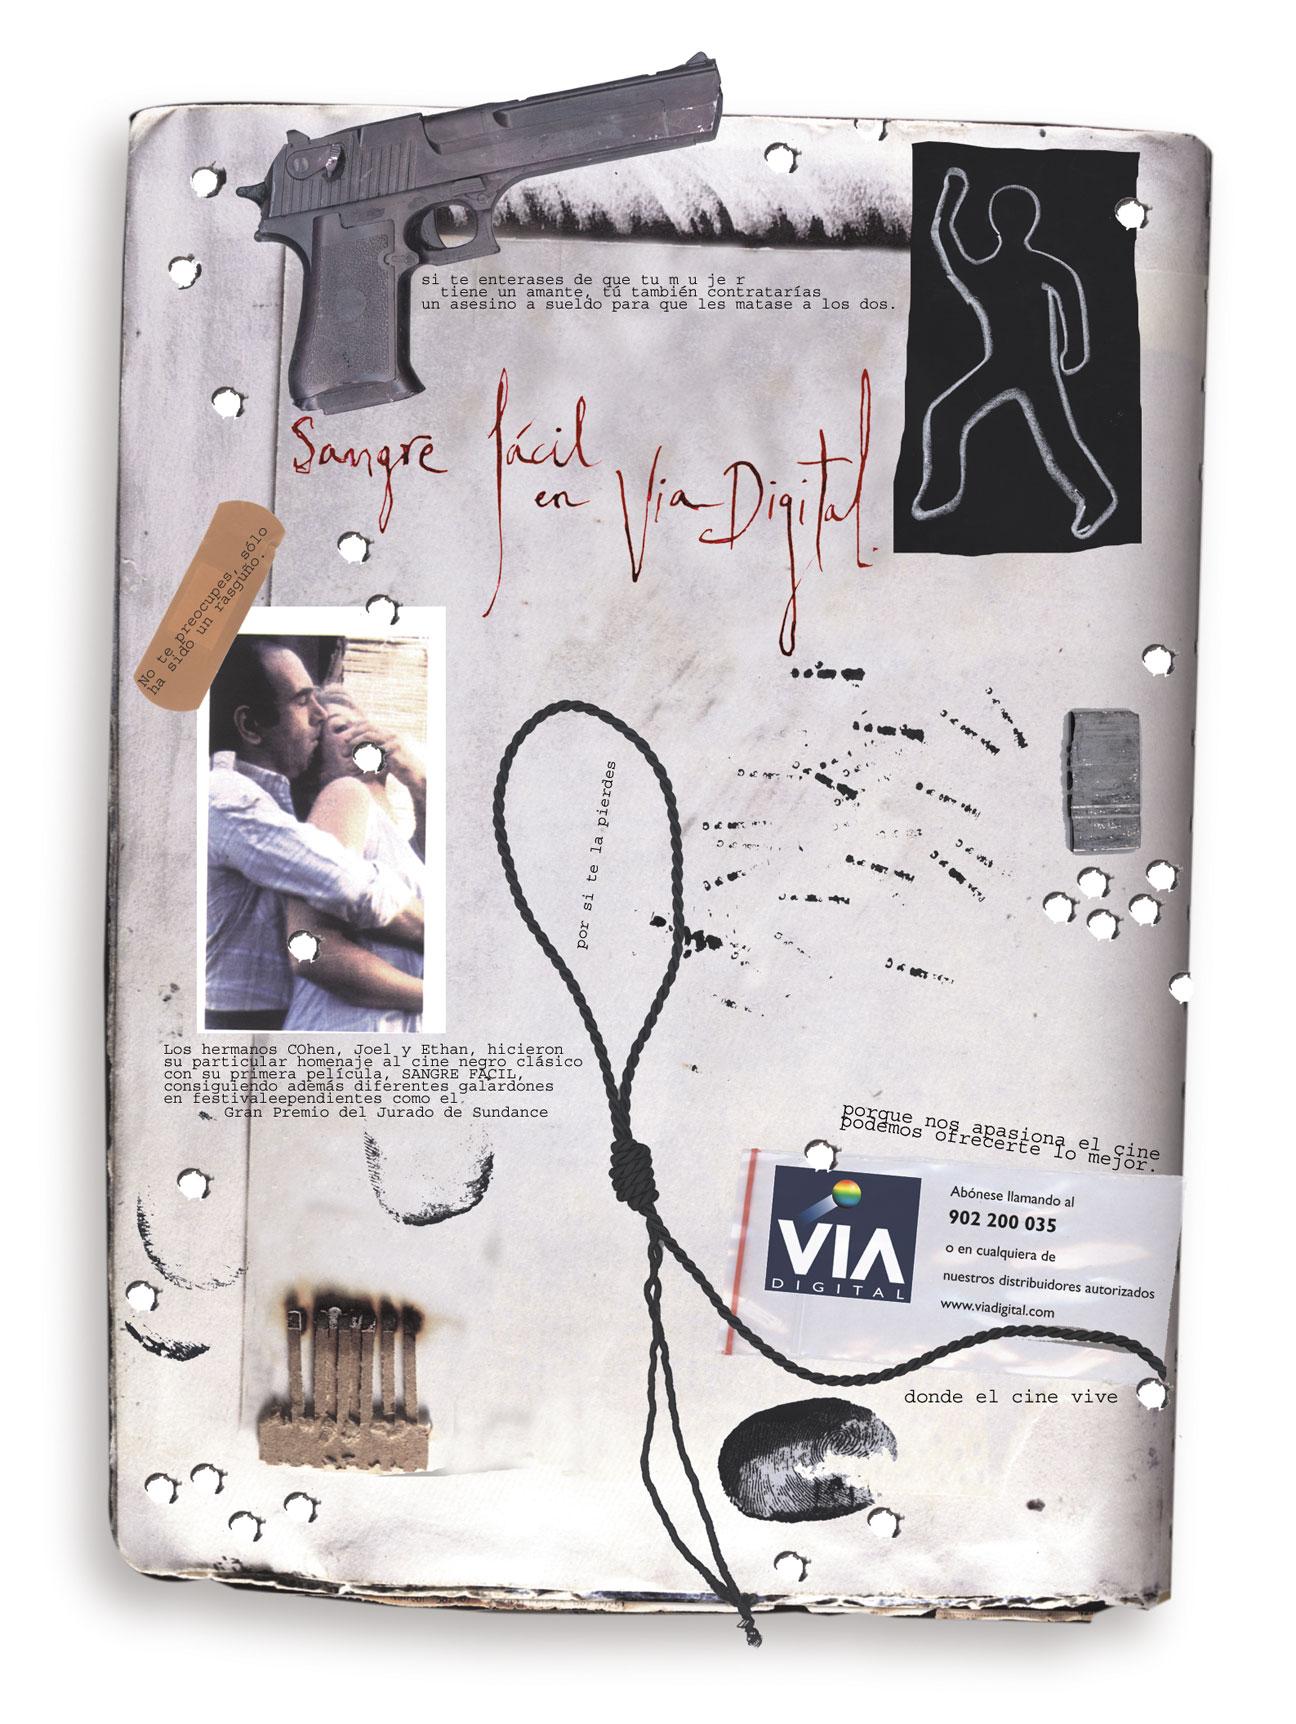 Vía Digital - Cine Negro